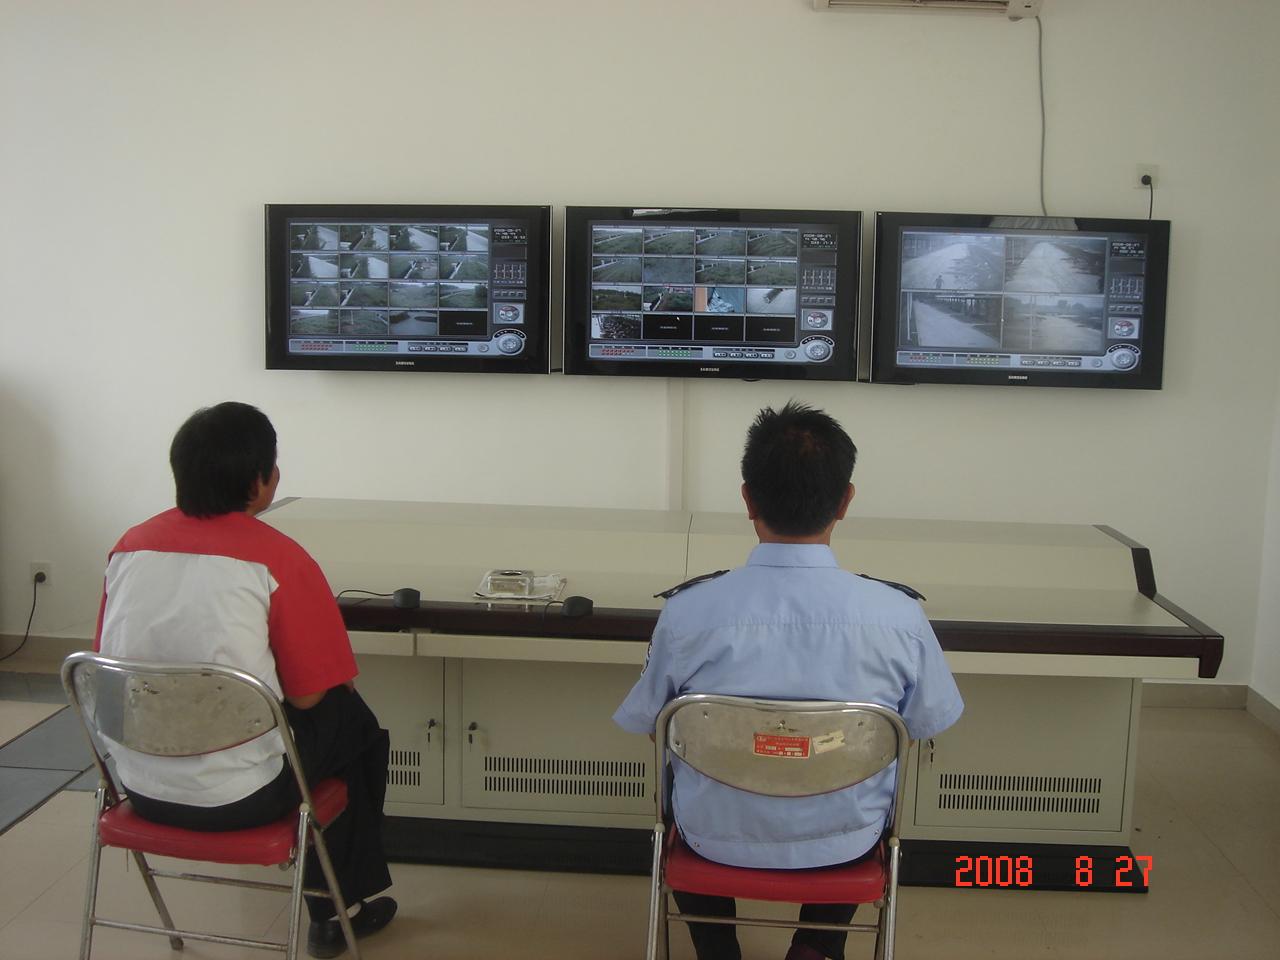 天马汽车集团新厂区监控系统